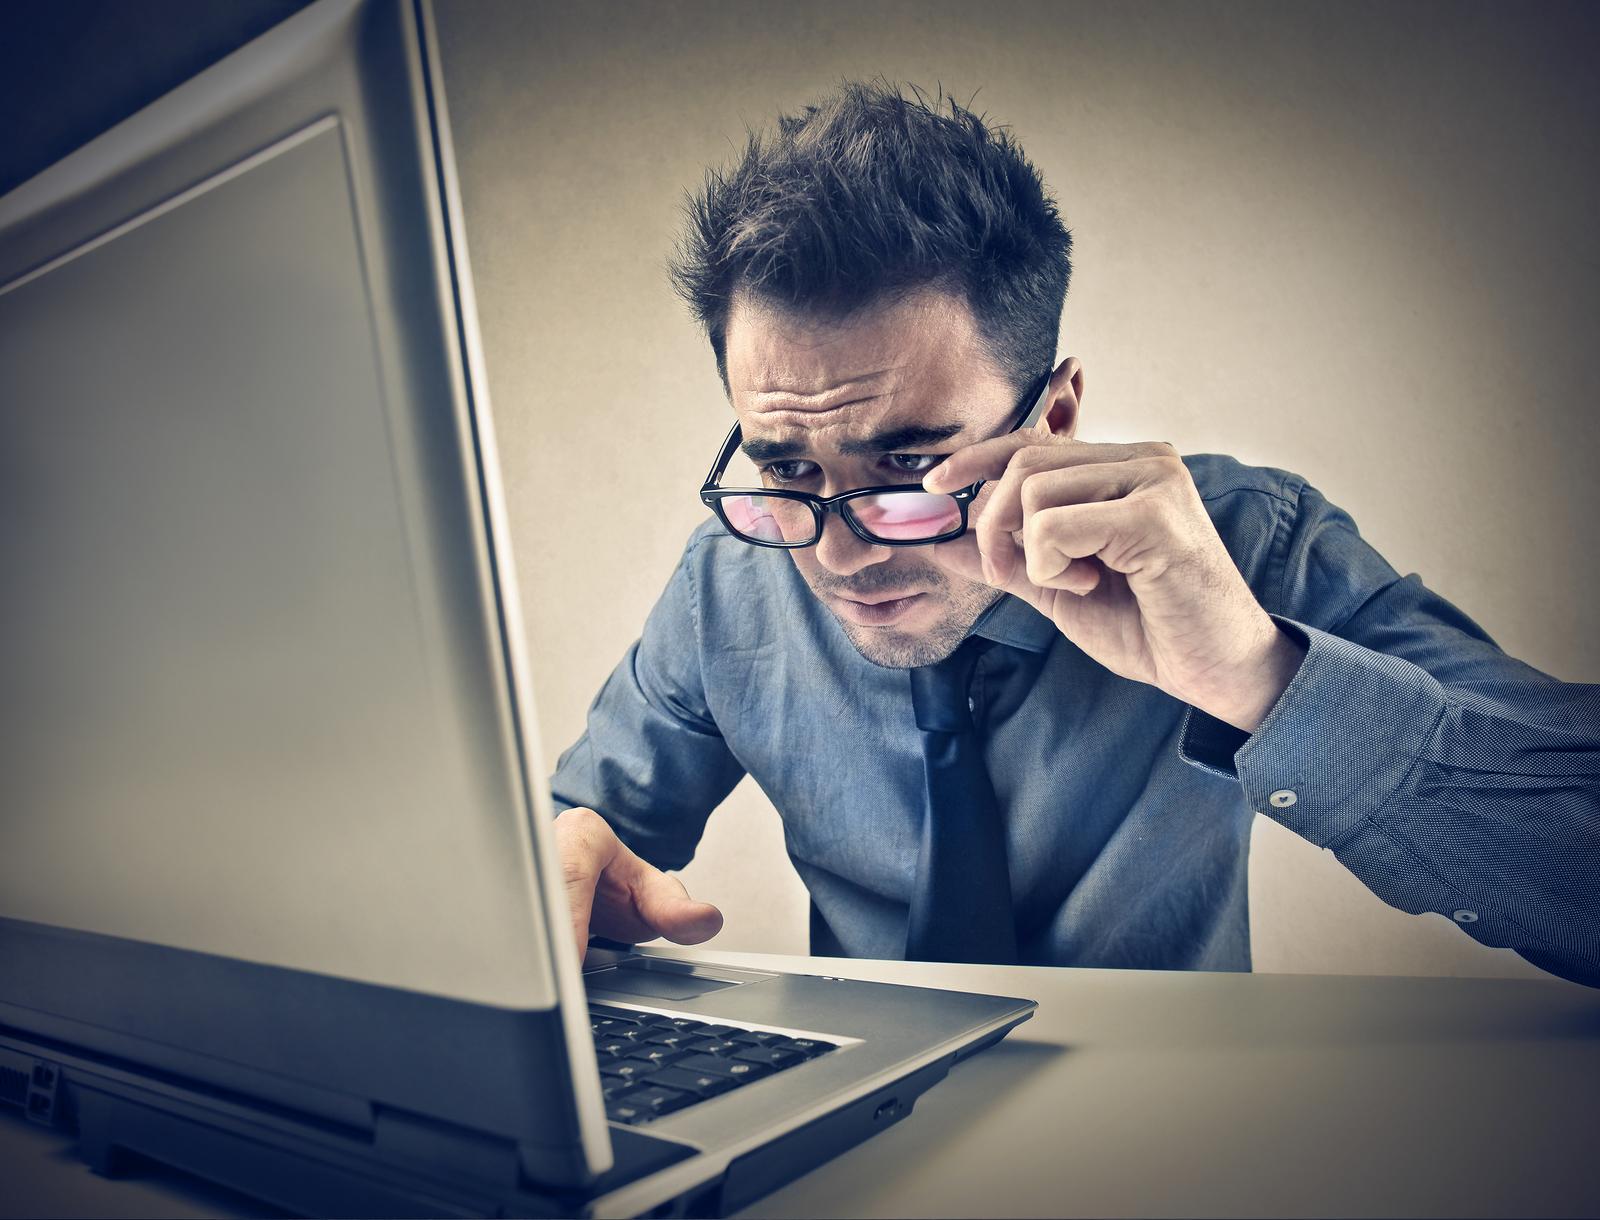 ¿Pasas muchas horas frente a la computadora? Toma precauciones para cuidar la vista